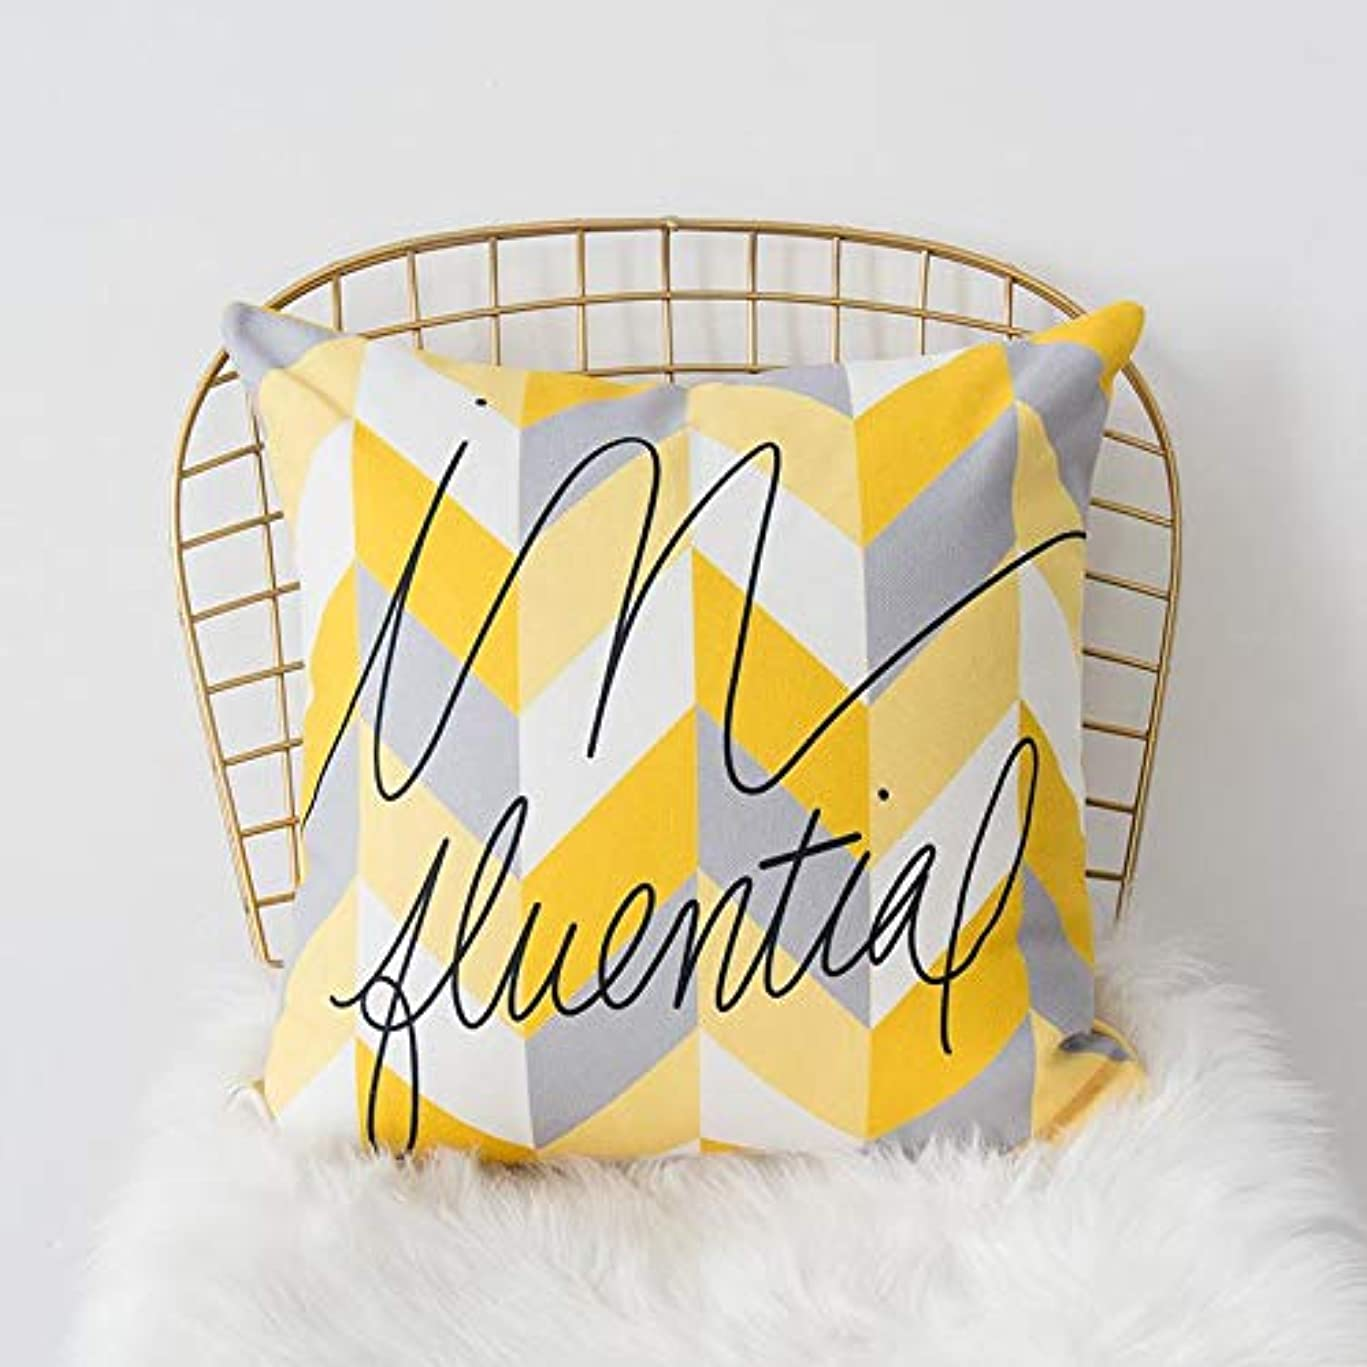 動作ジャニス企業LIFE 黄色グレー枕北欧スタイル黄色ヘラジカ幾何枕リビングルームのインテリアソファクッション Cojines 装飾良質 クッション 椅子